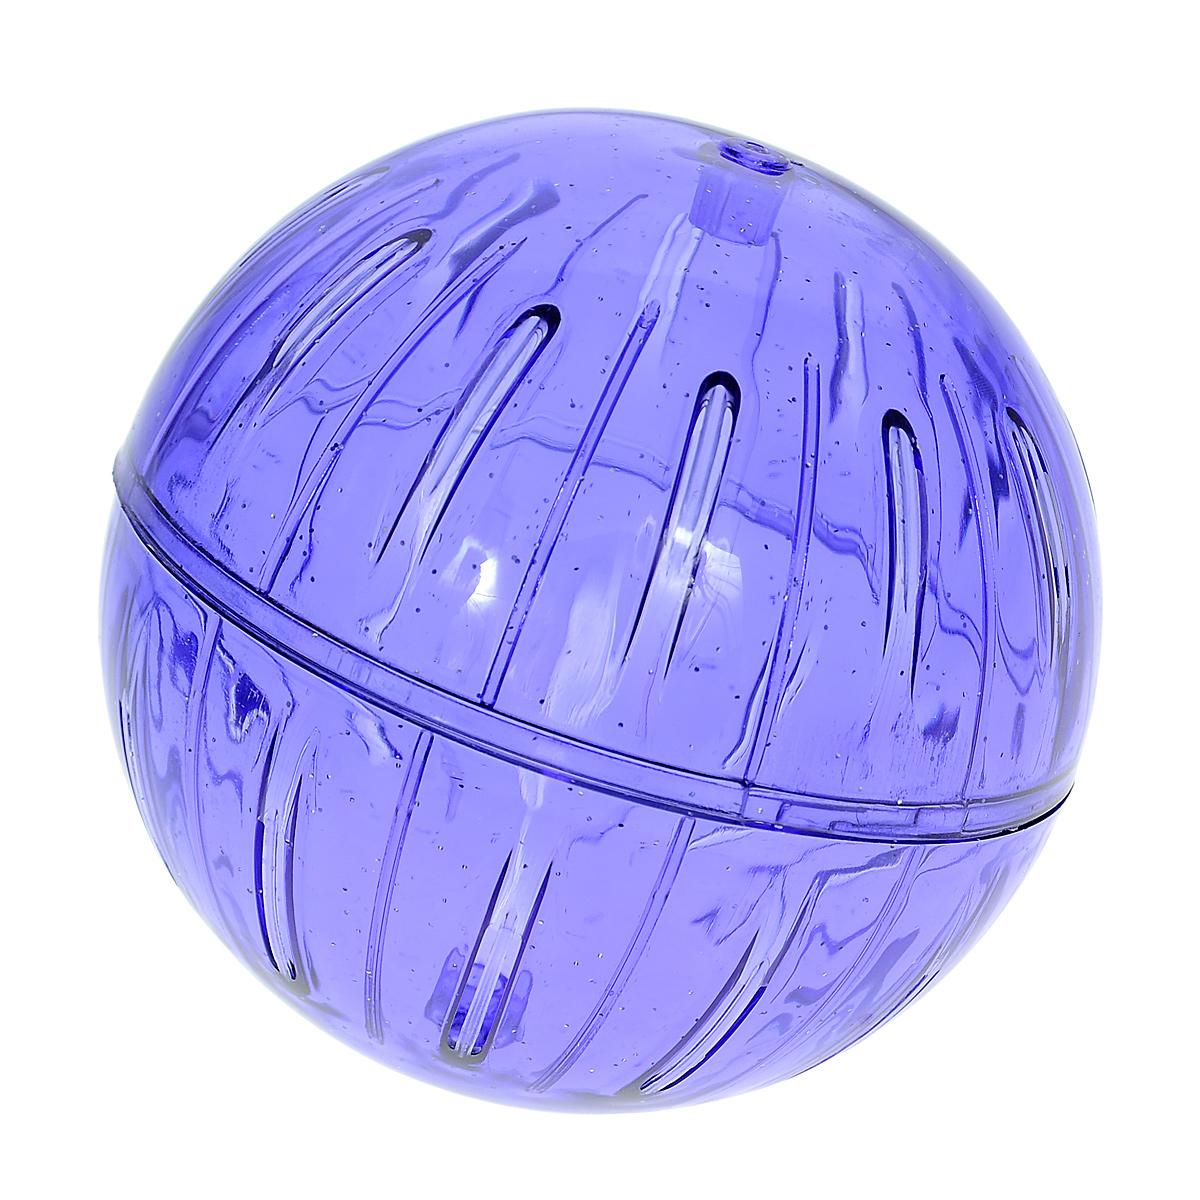 Игрушка для грызунов I.P.T.S. Шар прогулочный, цвет: синий, диаметр 12 см16382/440370Игрушка для грызунов I.P.T.S. Шар прогулочный изготовлена из нетоксичного высококачественного пластика. Шар легко моется. Устойчивая конструкция с двумя защелкивающимися половинками обеспечит безопасность и предохранит вашего питомца от побега. Большие вентиляционные отверстия обеспечивают хорошую циркуляцию воздуха, а специально разработанные выступы для лап - удобство при передвижении. Прогулка в таком шаре обеспечит грызуну нагрузку, а значит, поможет поддержать хорошую физическую форму.Чтобы правильно подобрать шар, следует измерить длину животного: диаметр шара должен быть чуть больше, чем длина вашего питомца.Диаметр шара: 12 см.